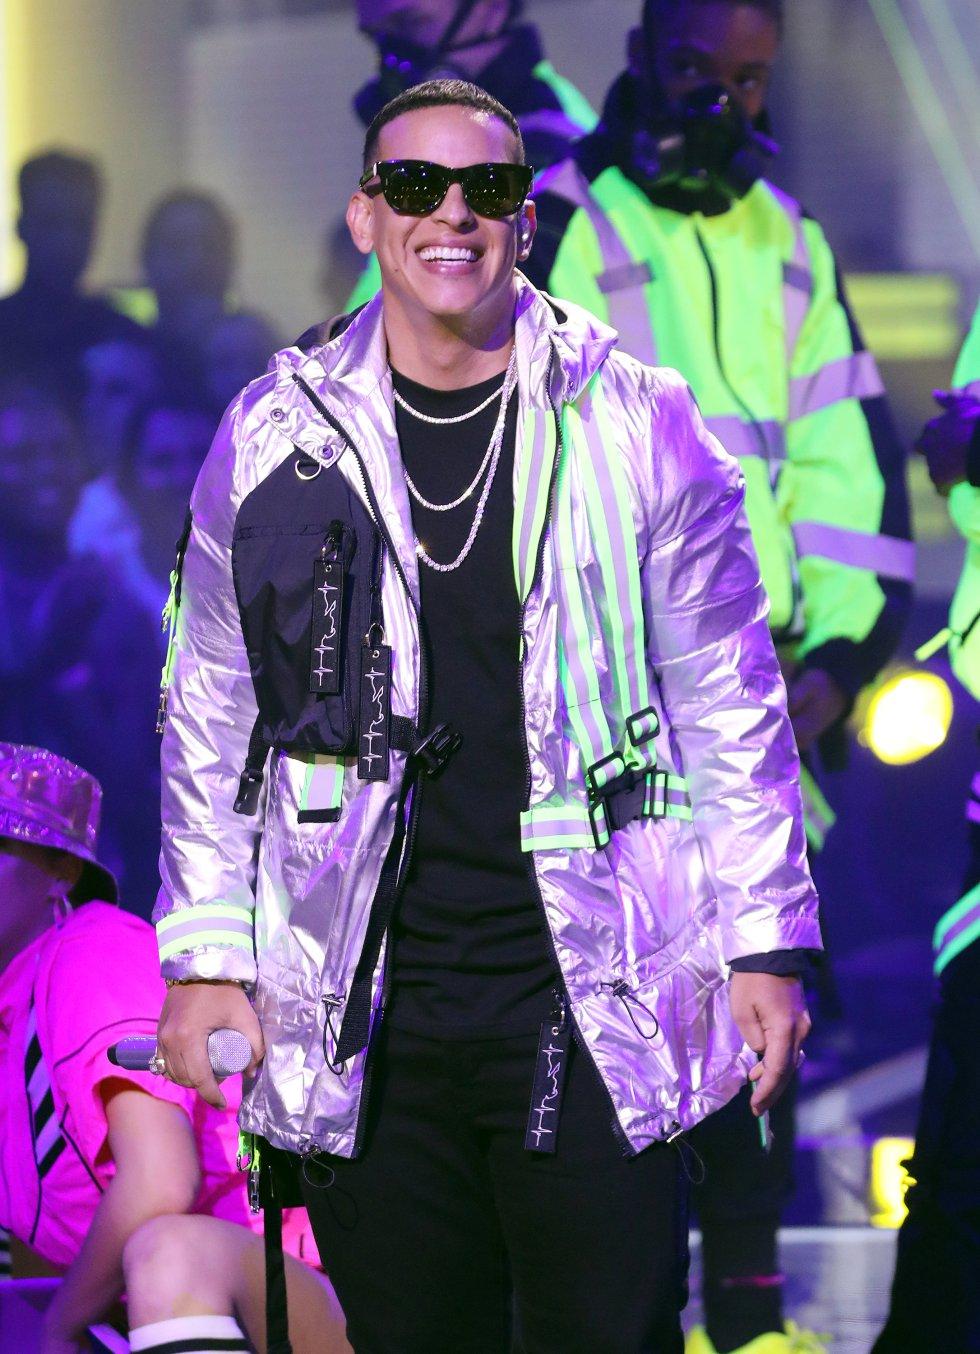 ¿Quién es la esposa de Daddy Yankee?: Conozca a Mireddys, la esposa de Daddy Yankee